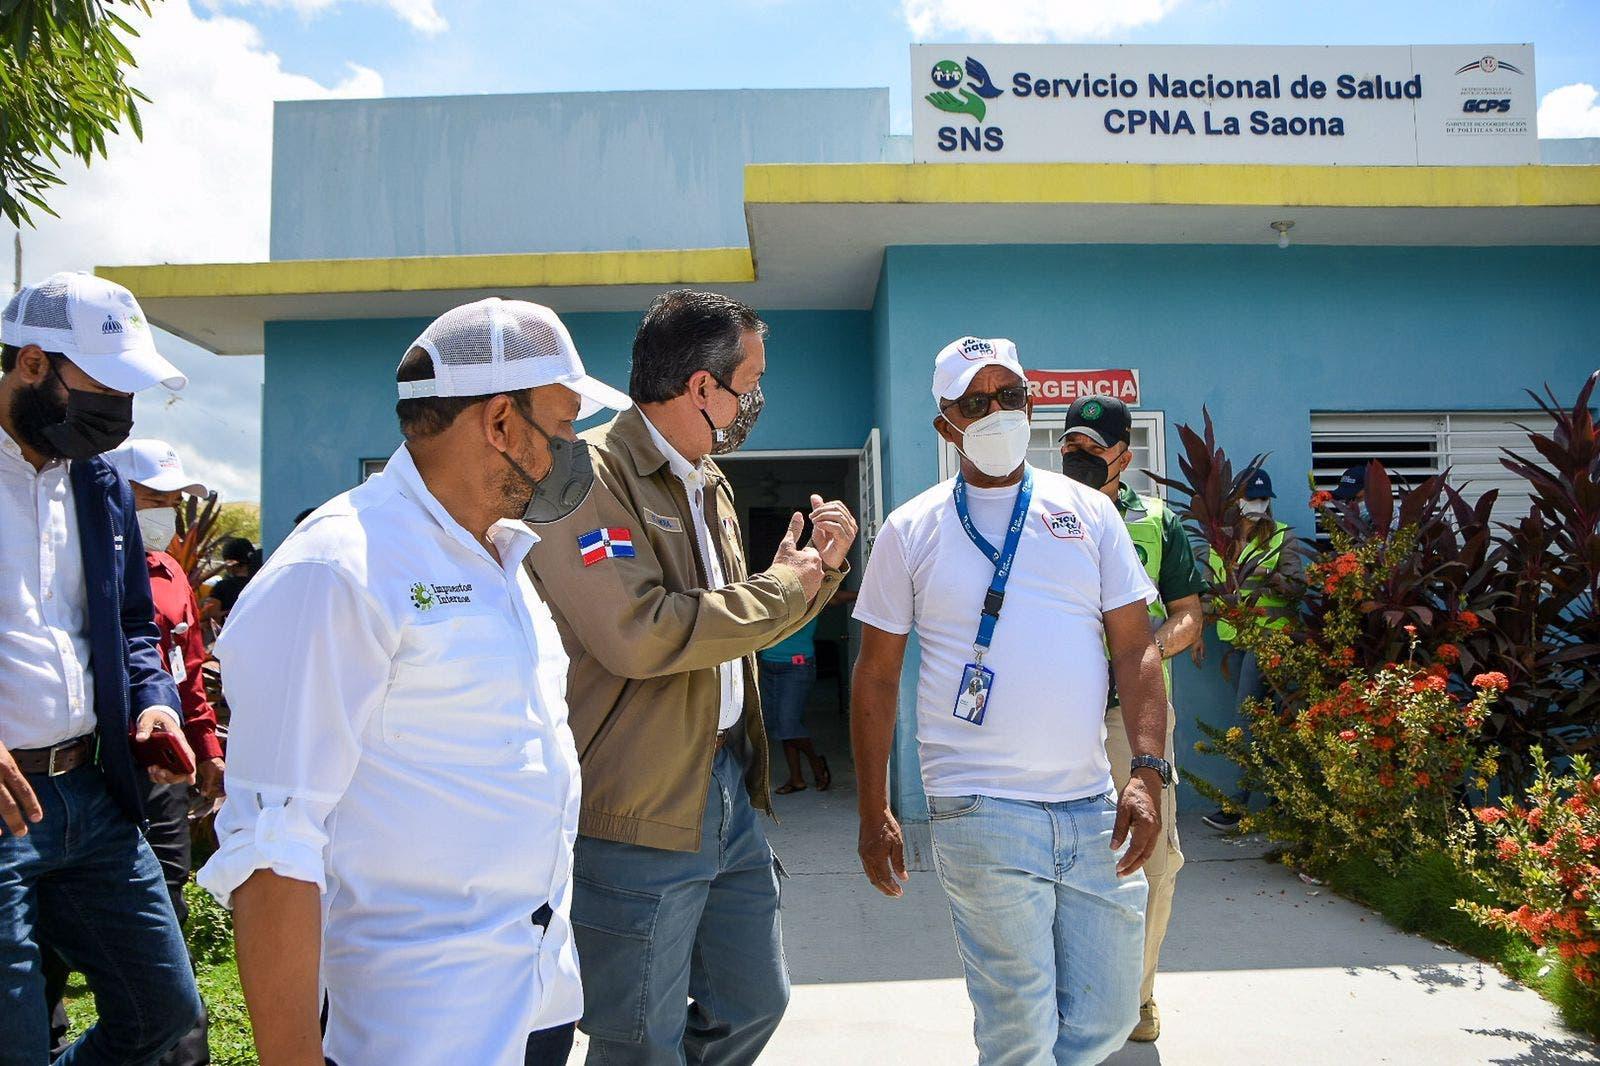 Medio Ambiente dispone personal de apoyo para jornada de vacunación